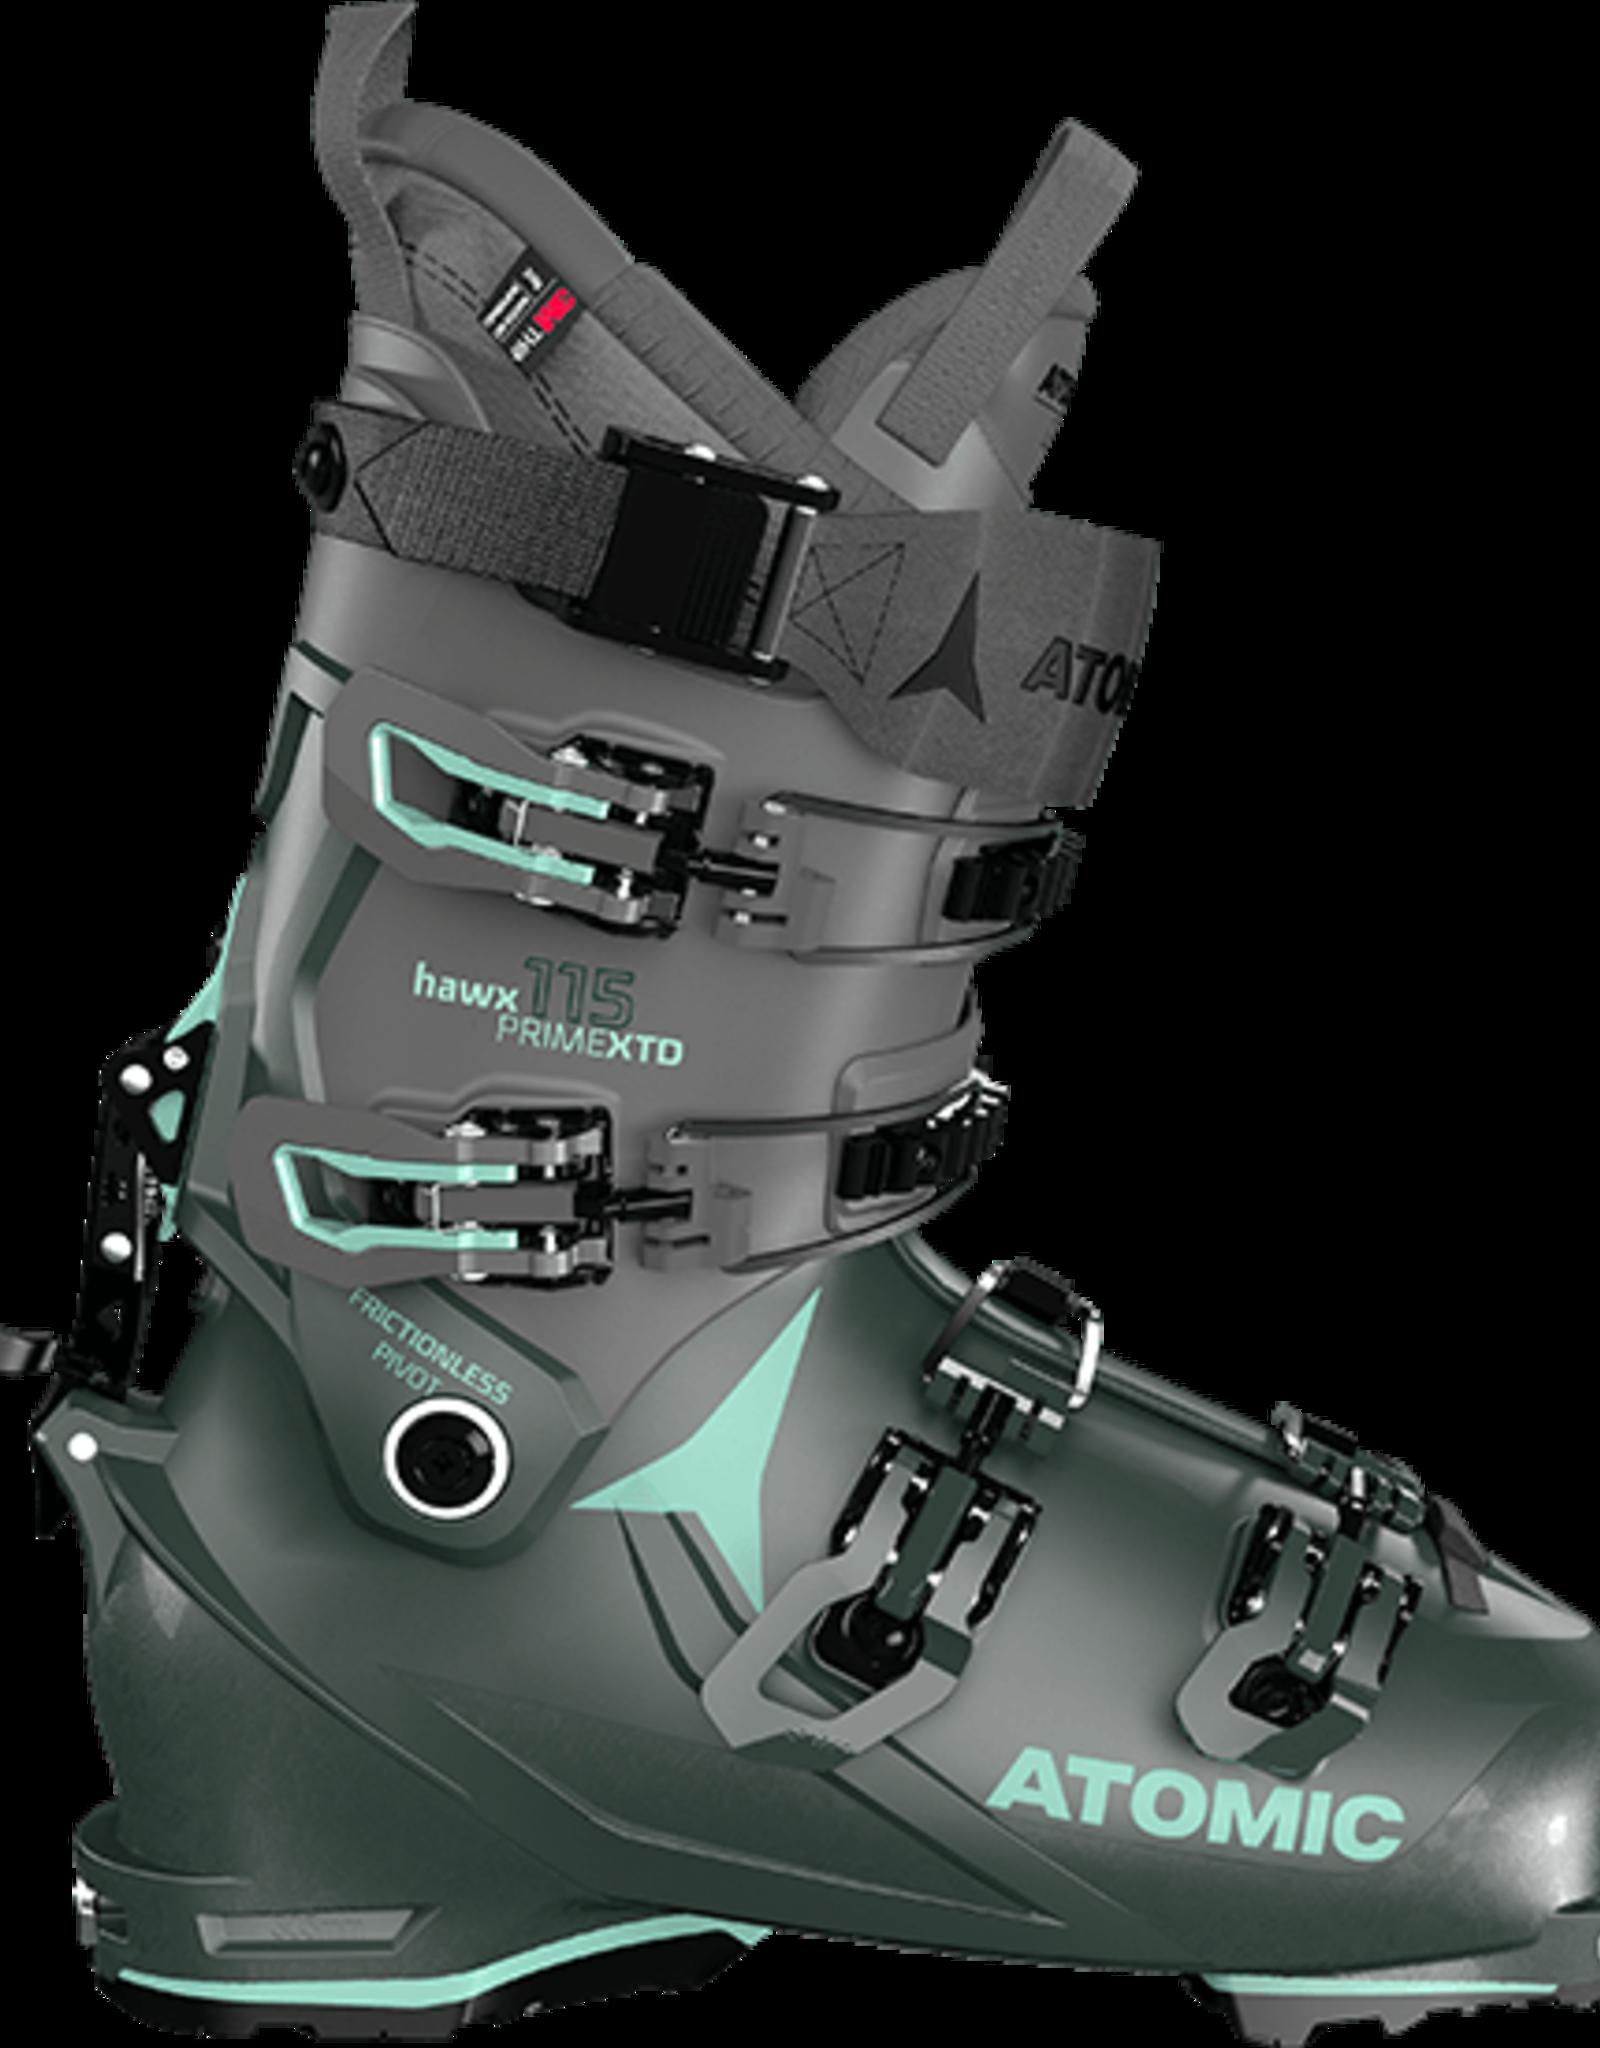 Atomic Hawx Prime Xtd 115 W Tech GW Green -W2020